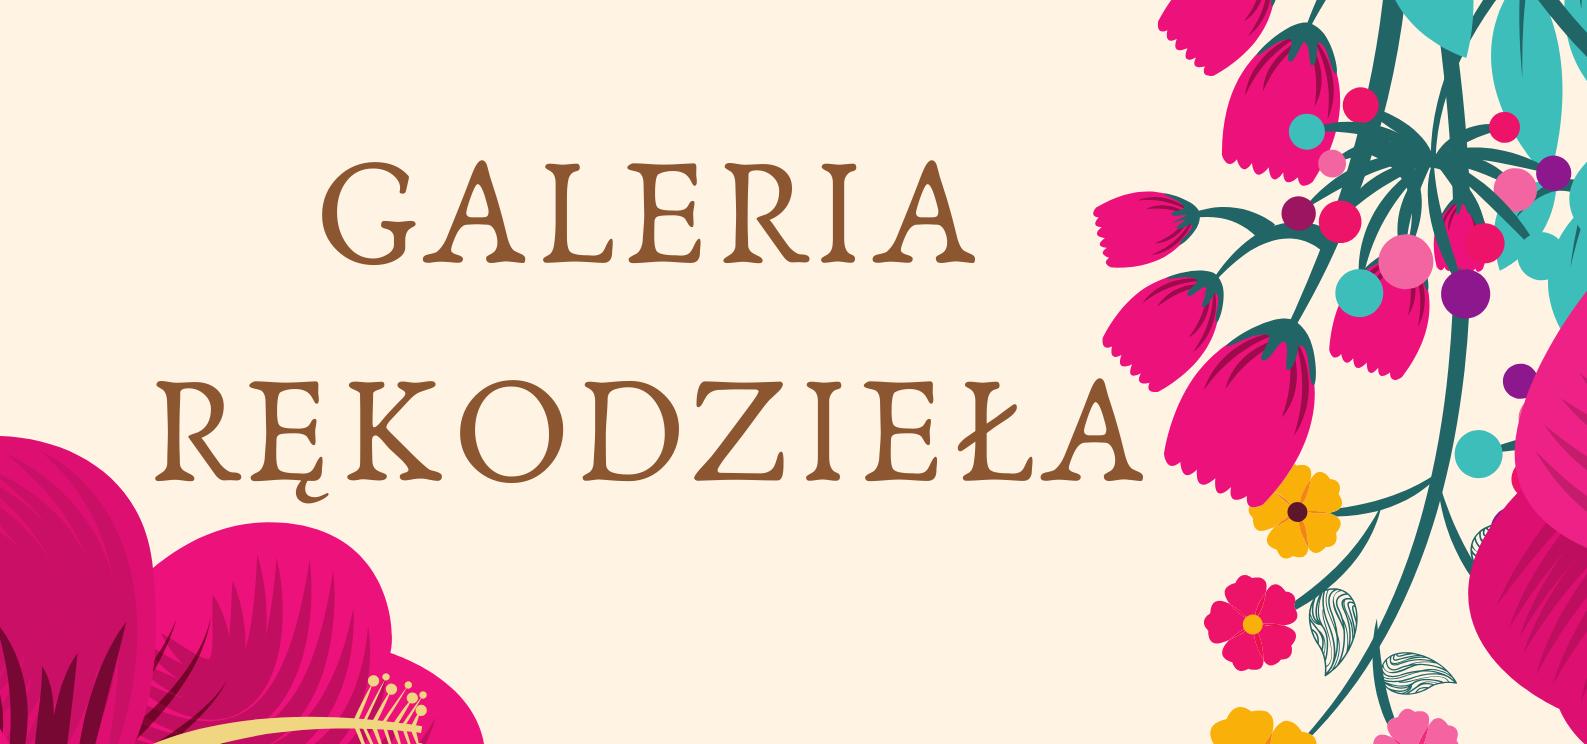 GALERIA RĘKODZIEŁA 1